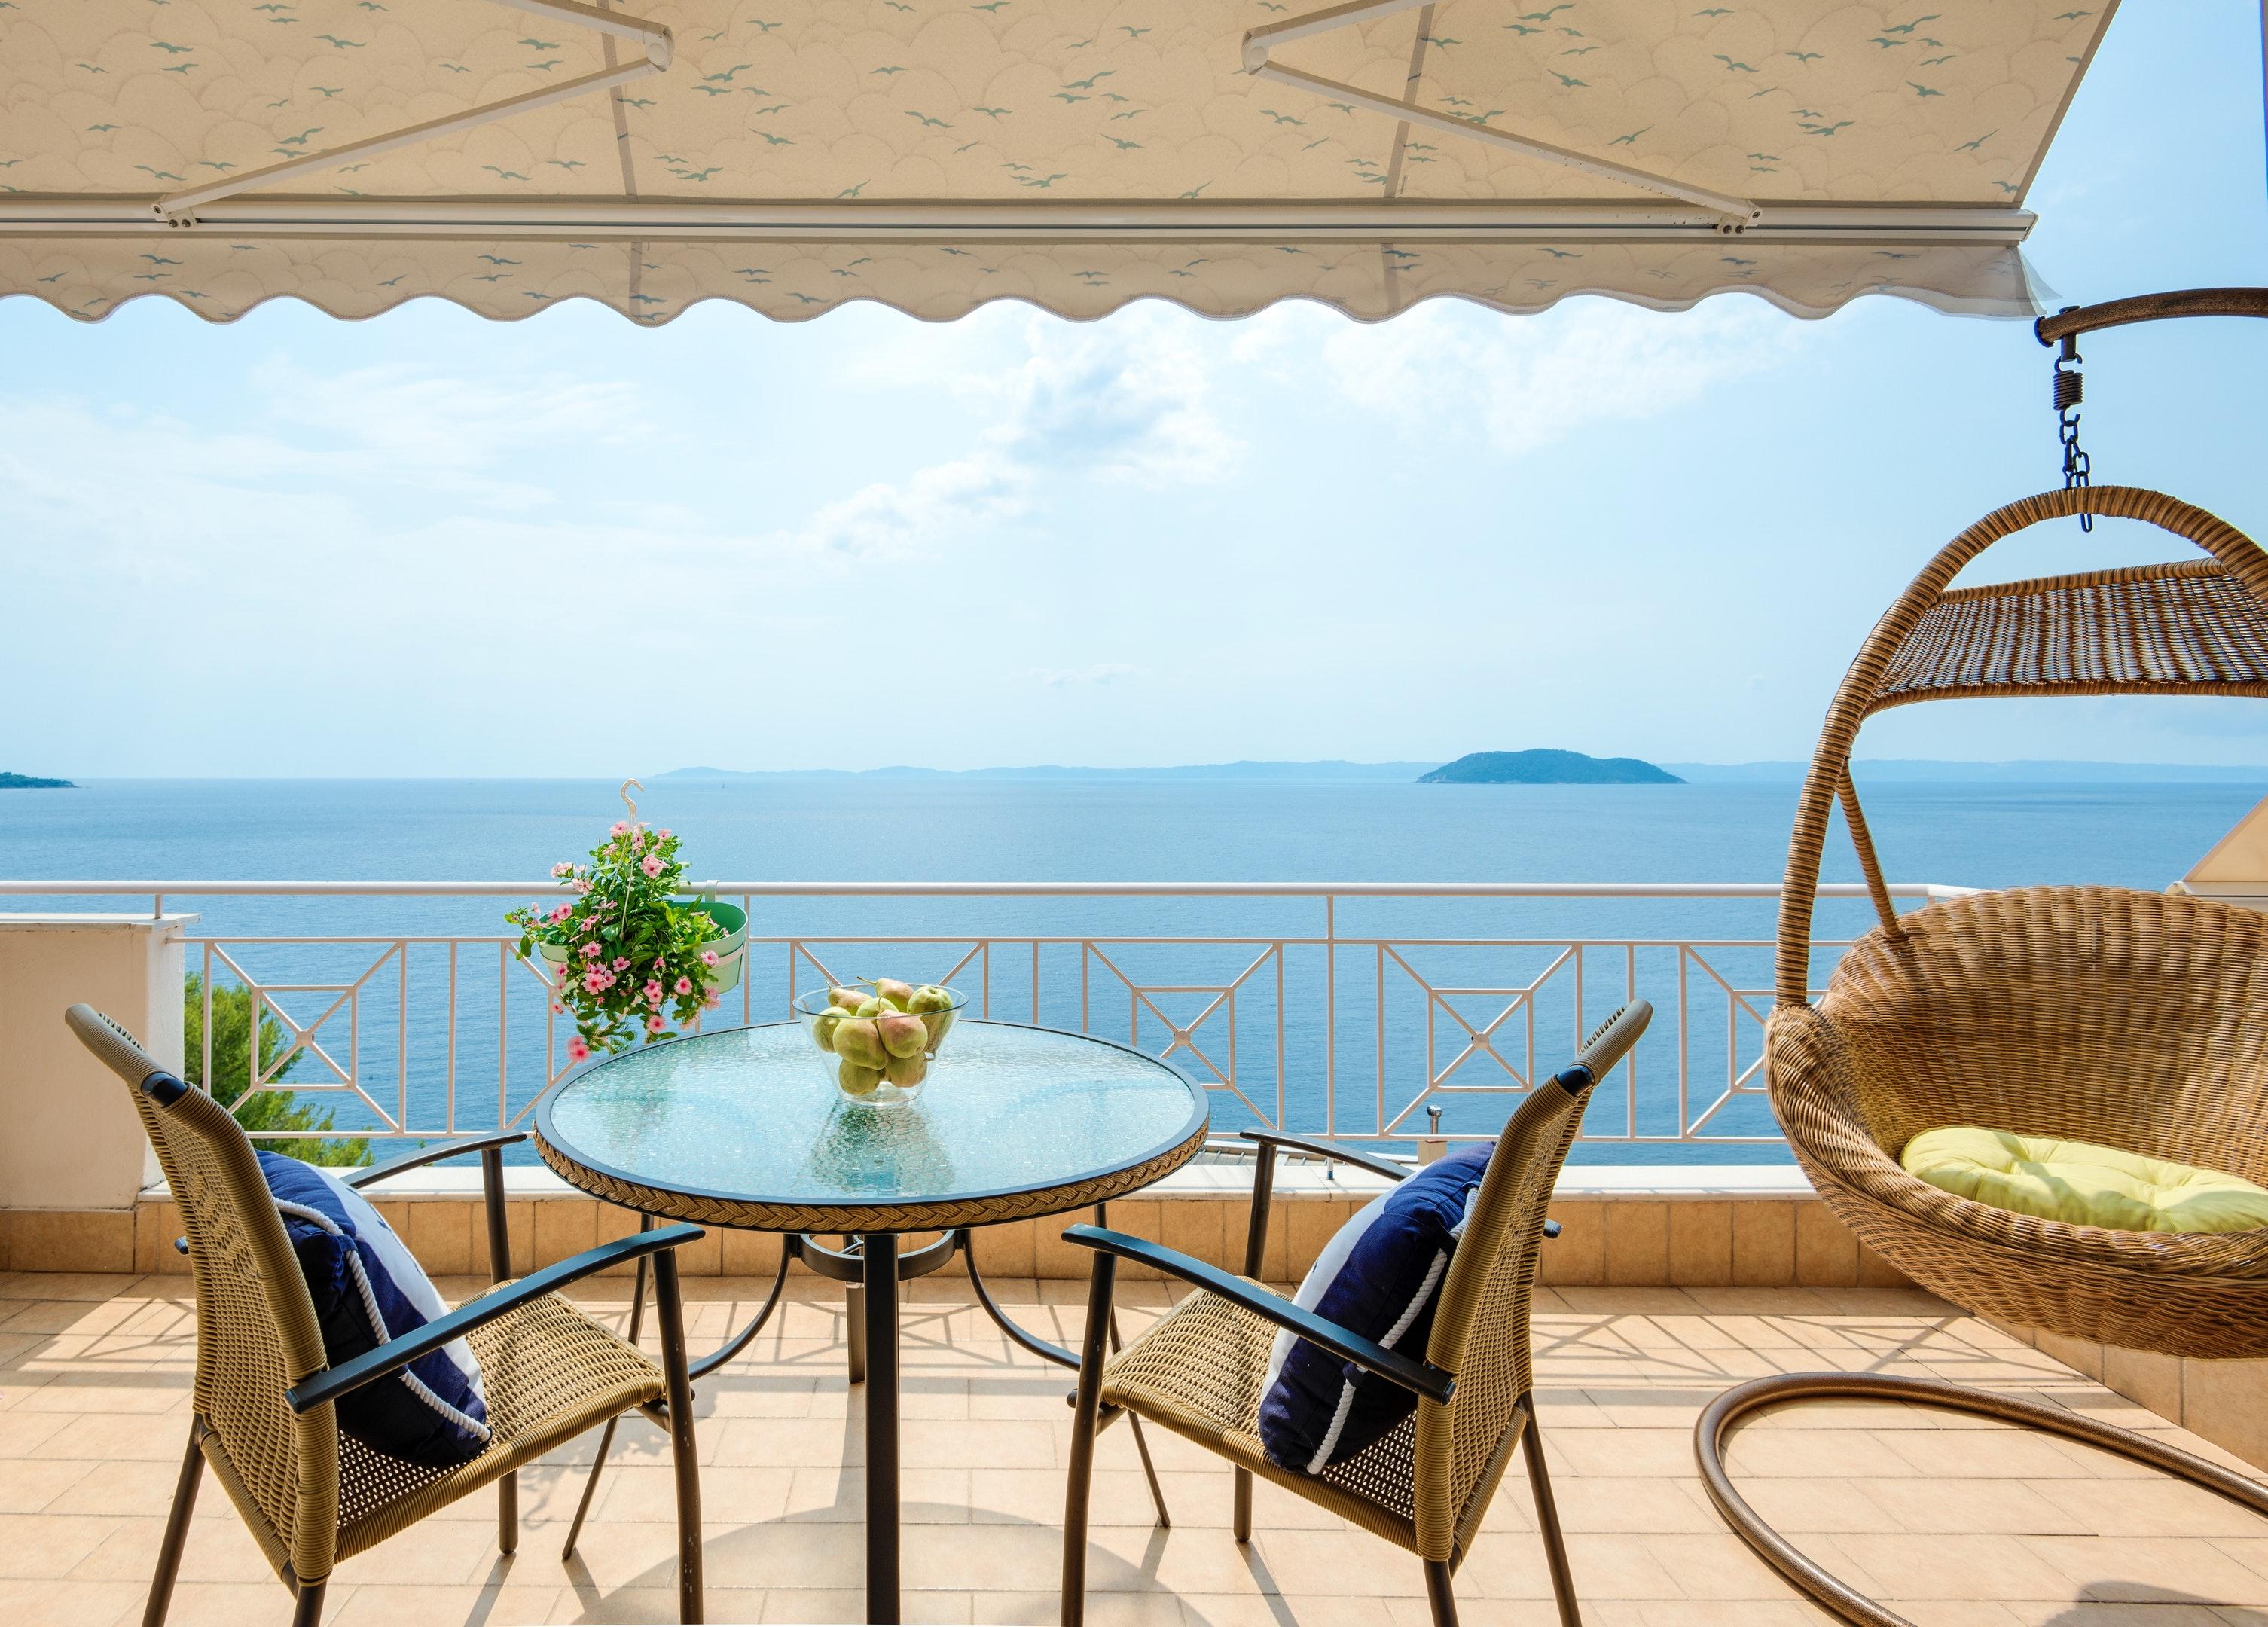 Wohnung mit 2 Schlafzimmern in Neos Marmaras Chalkidiki North Greece mit herrlichem Meerblick und möbliertem Balkon 300 m vom Strand entfernt